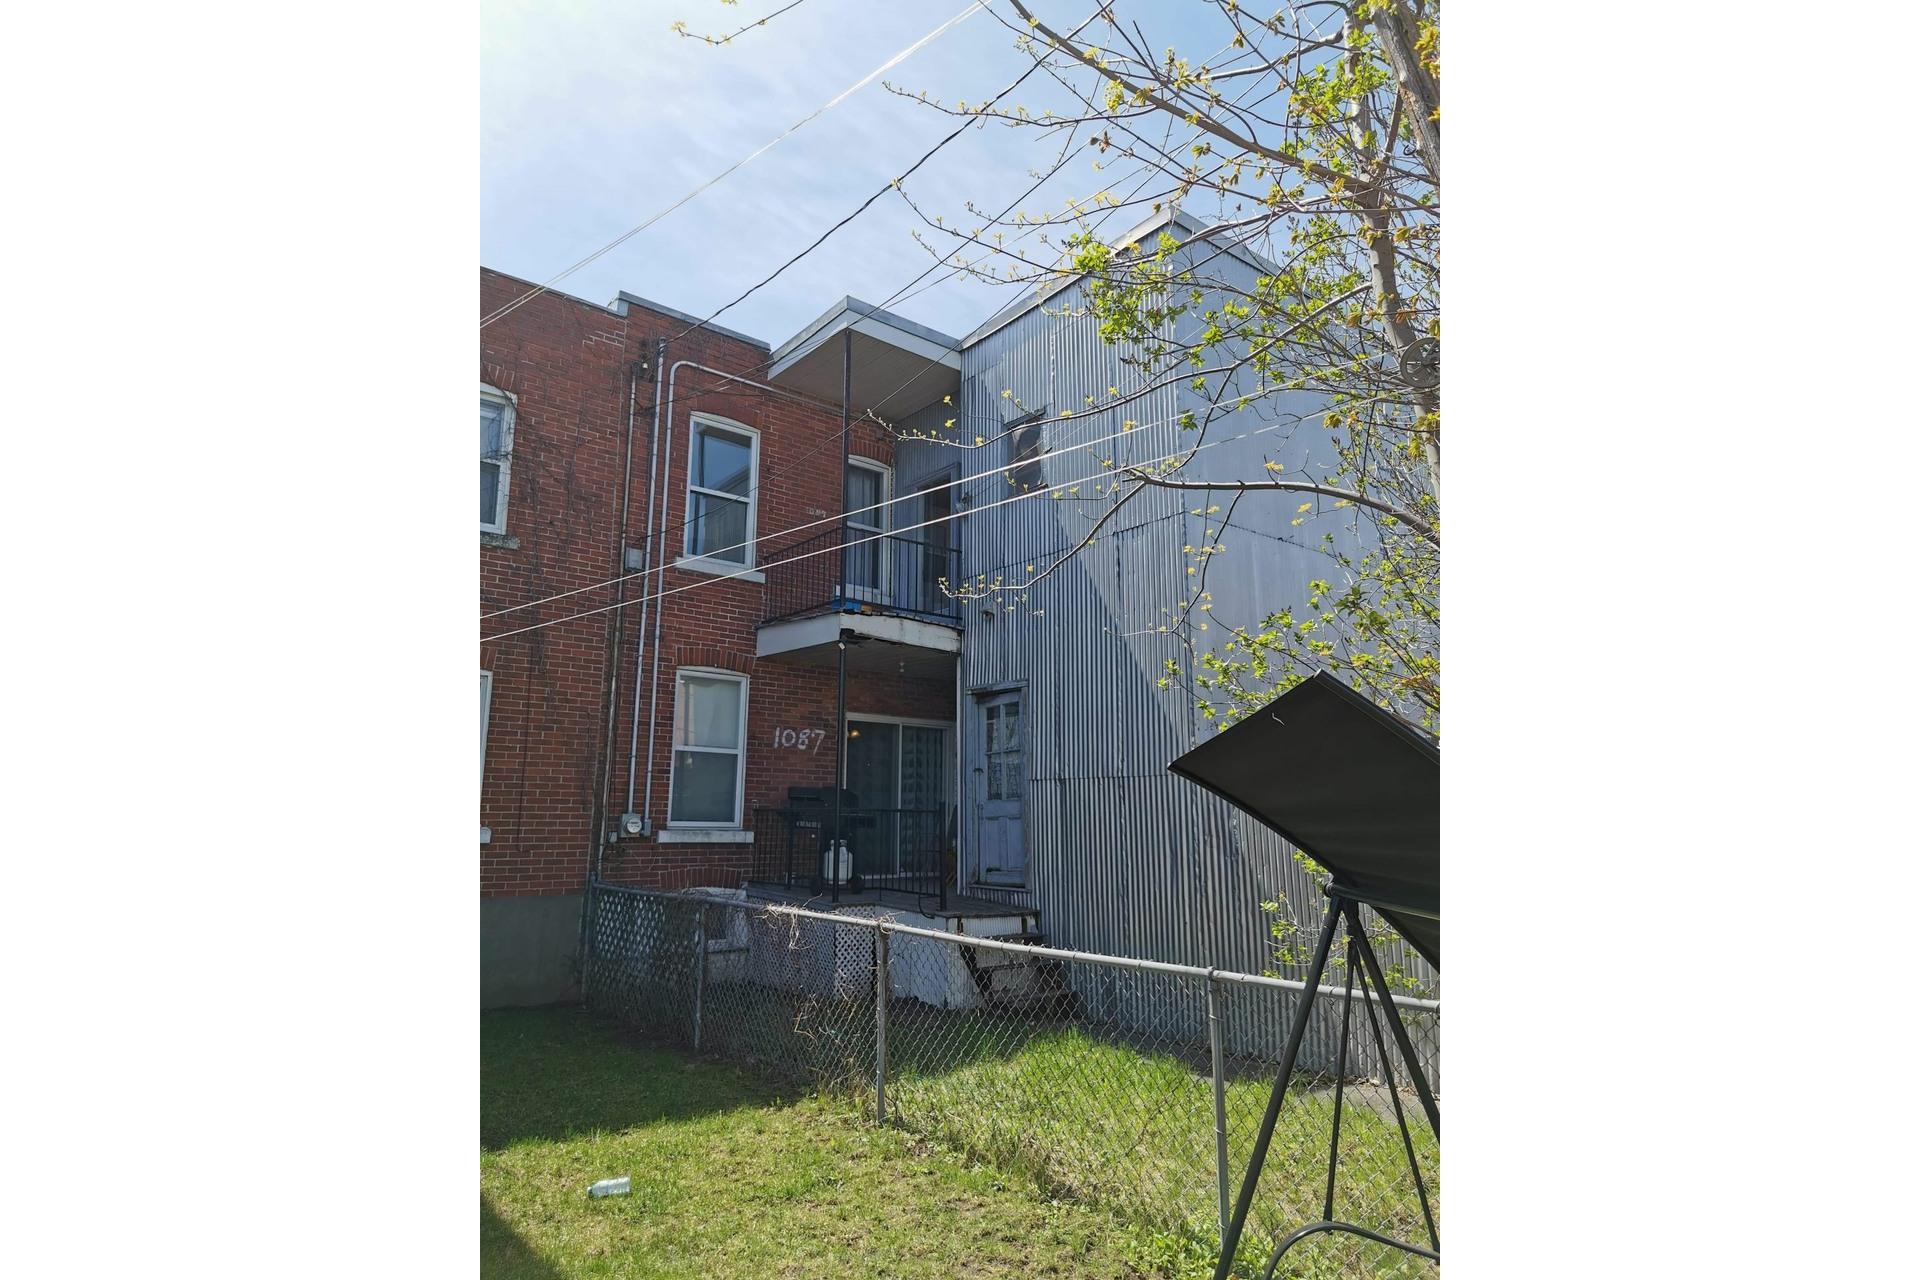 image 8 - Duplex À vendre Verdun/Île-des-Soeurs Montréal  - 4 pièces